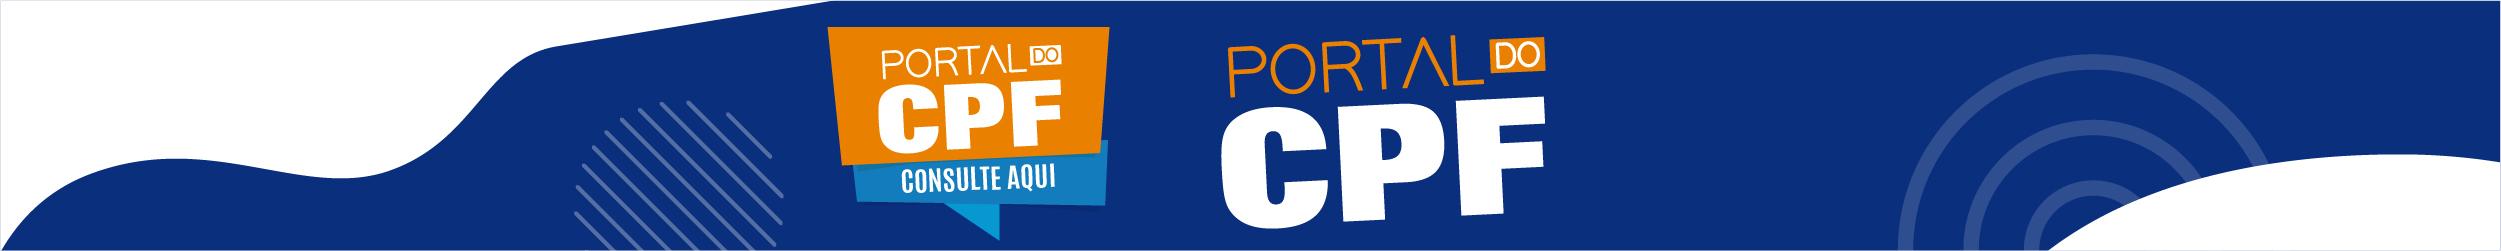 Portal do CPF